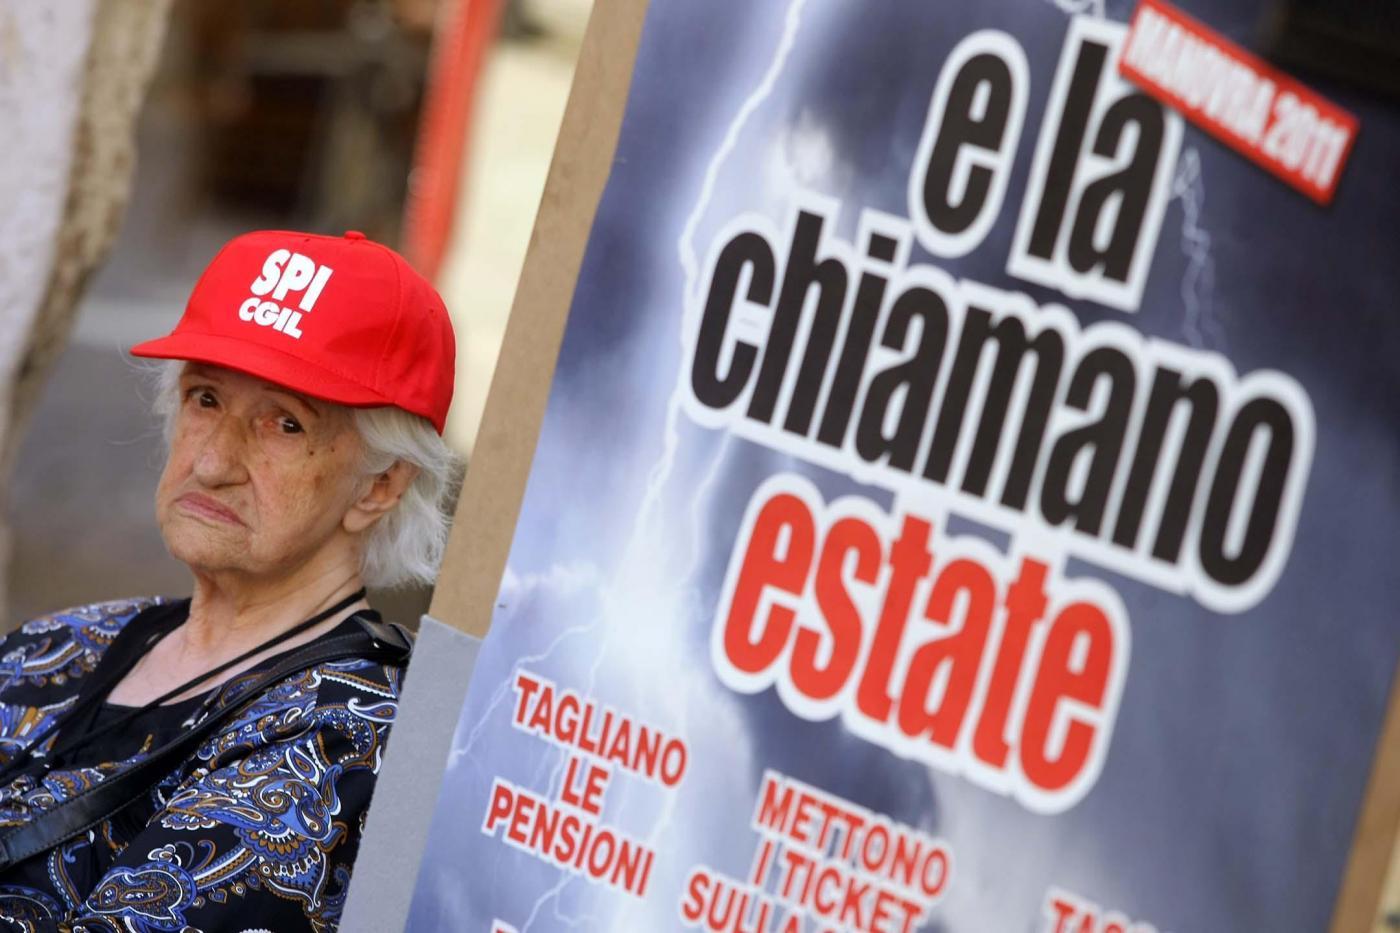 Allarme pensioni, quasi la metà sotto la soglia dei mille euro. Molto più povere le donne